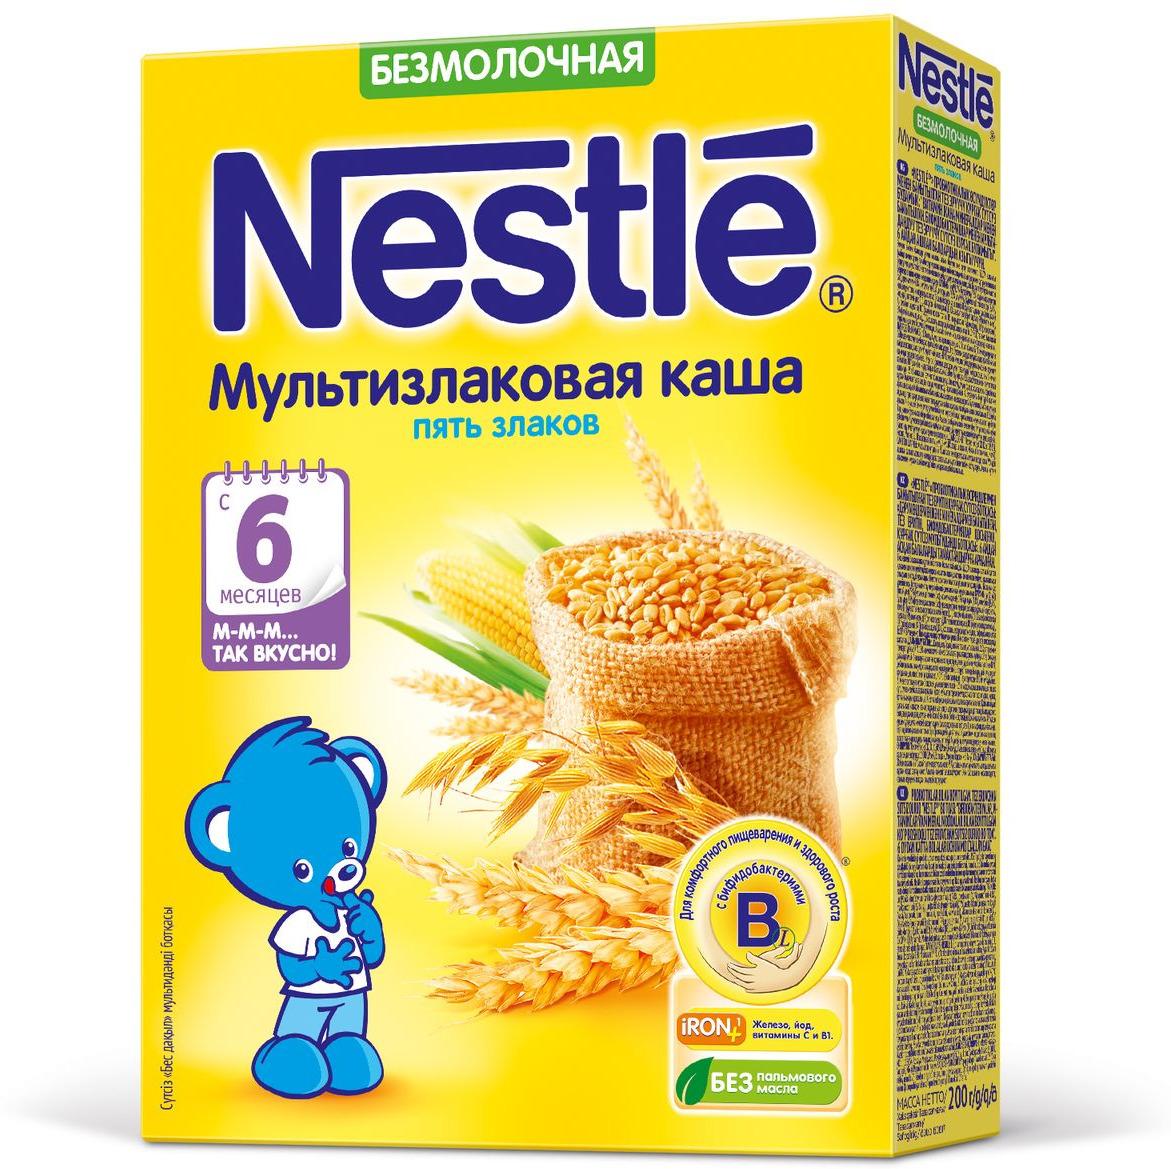 Nestle каша безмолочная мультизлаковая 5 злаков, с 6 месяцев, 200 г